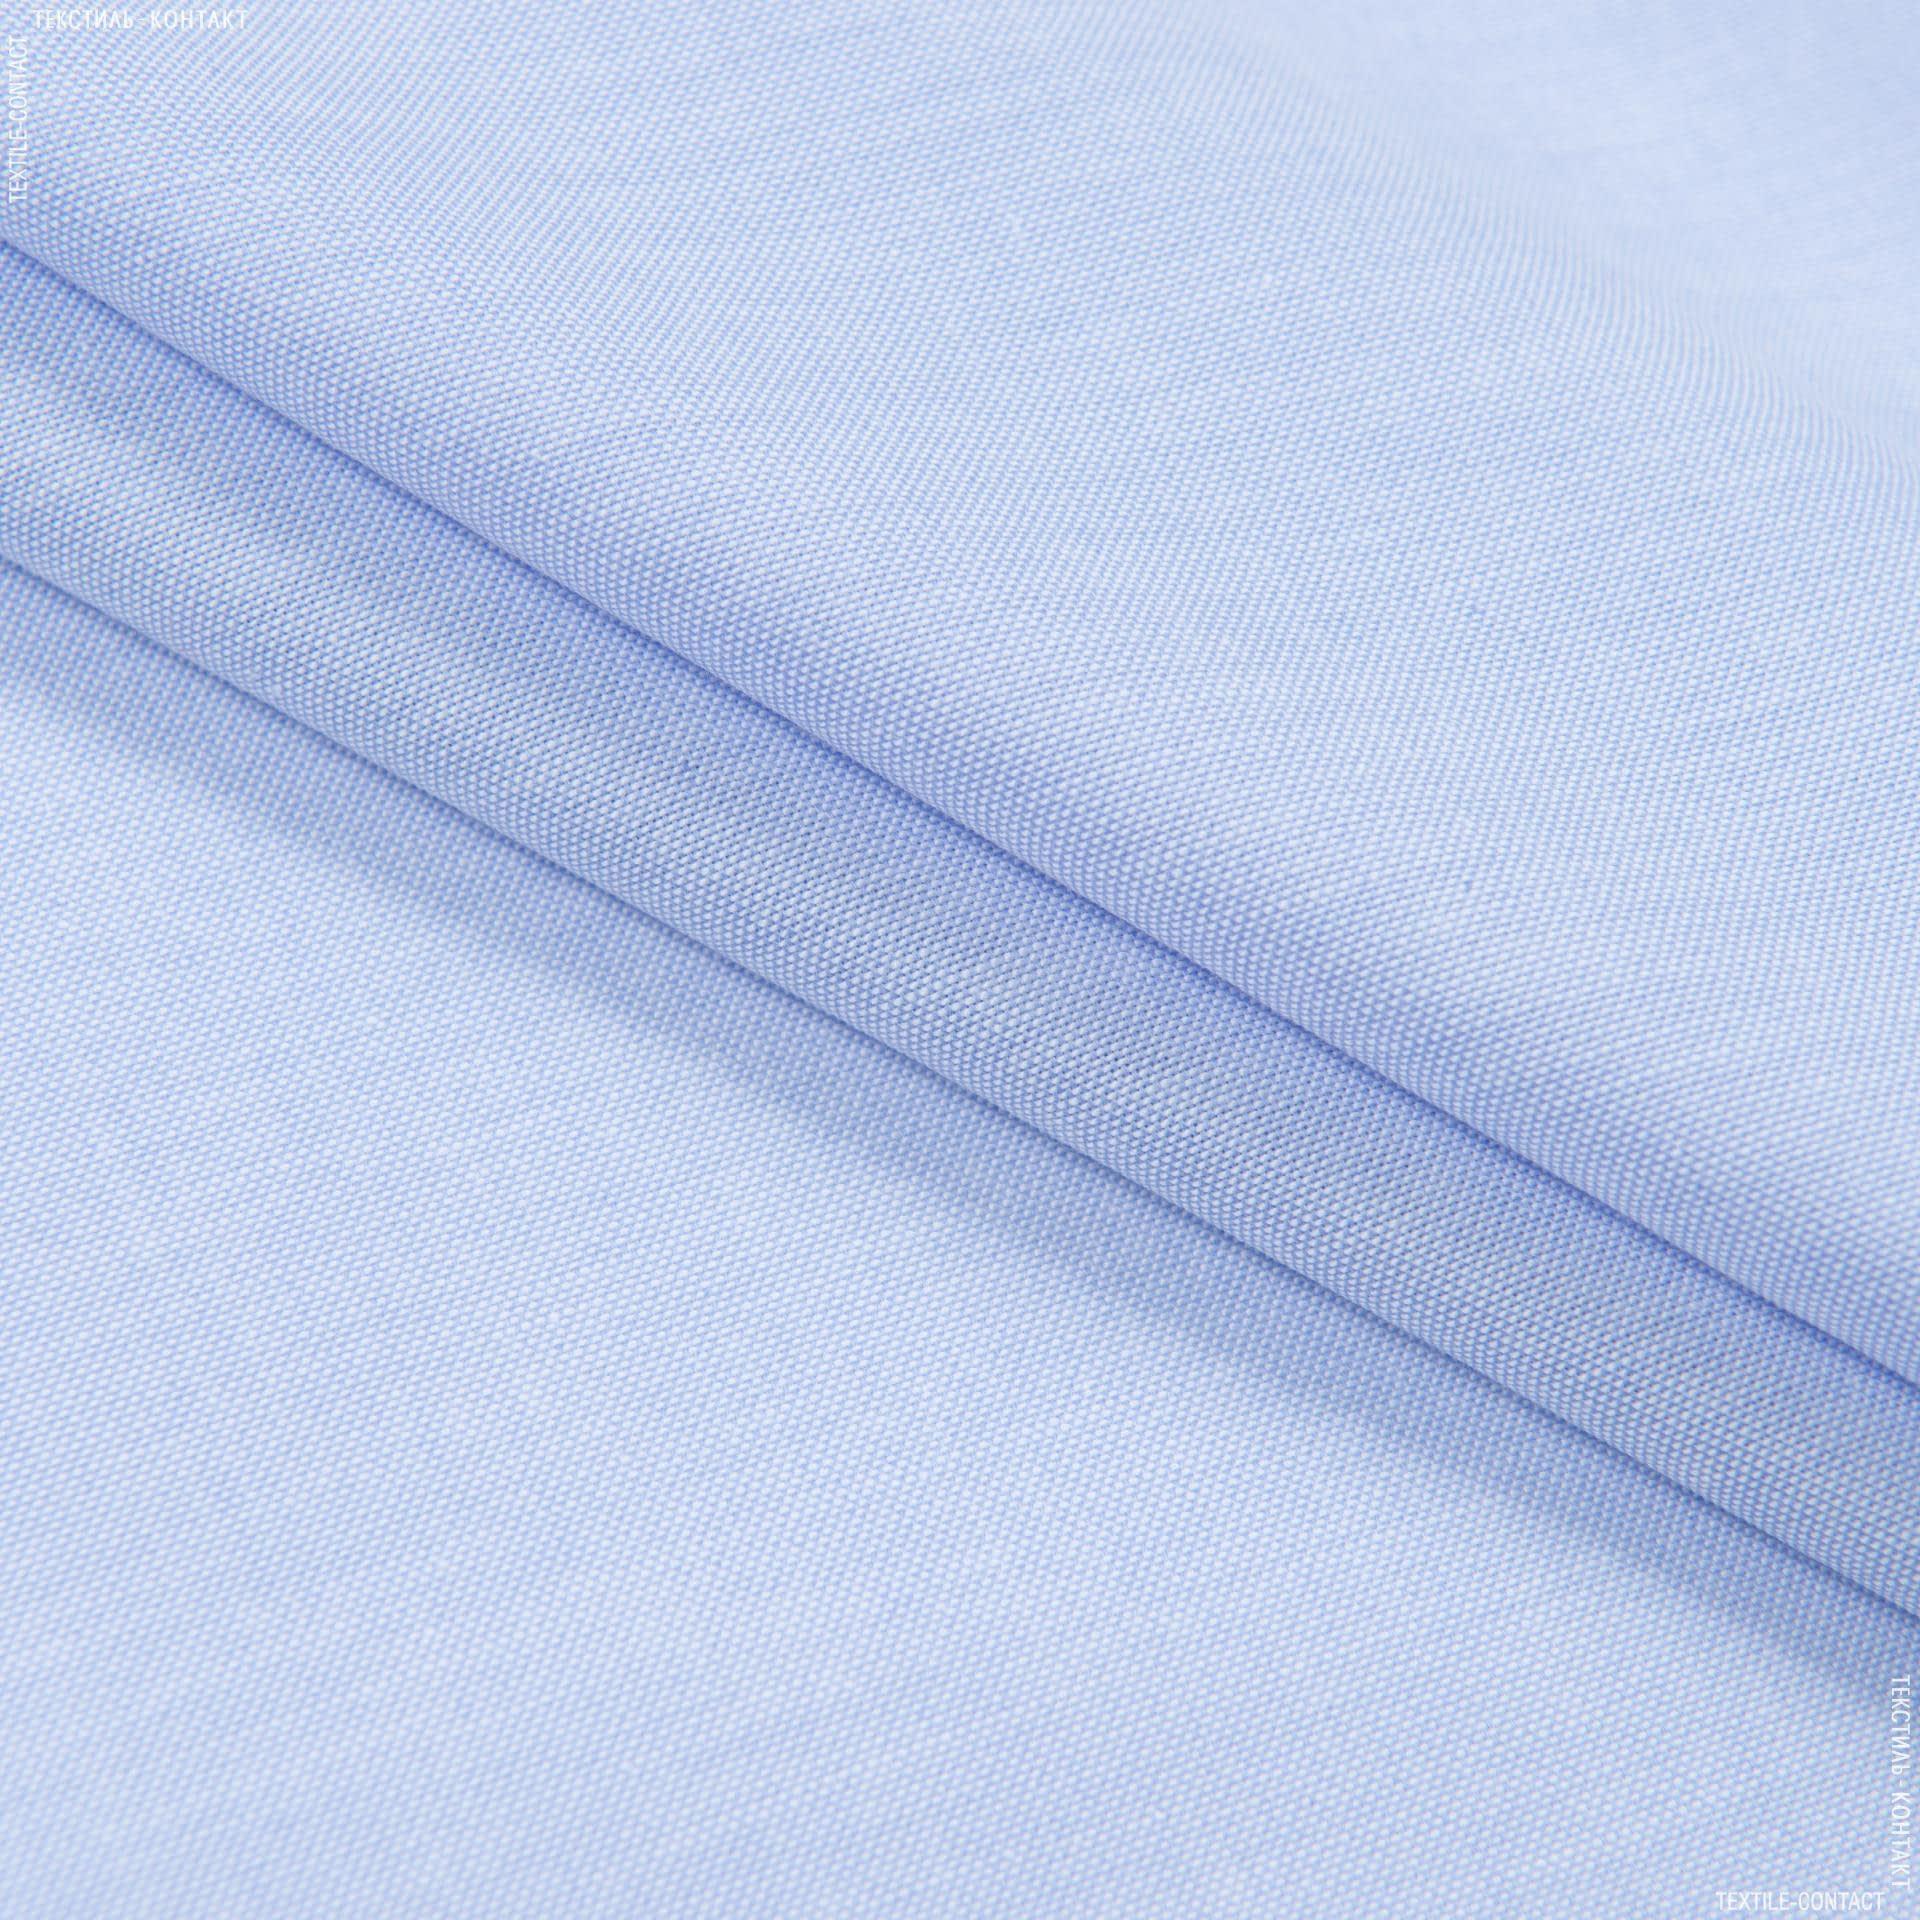 Тканини для блузок - Сорочкова рогожка світло-блакитний